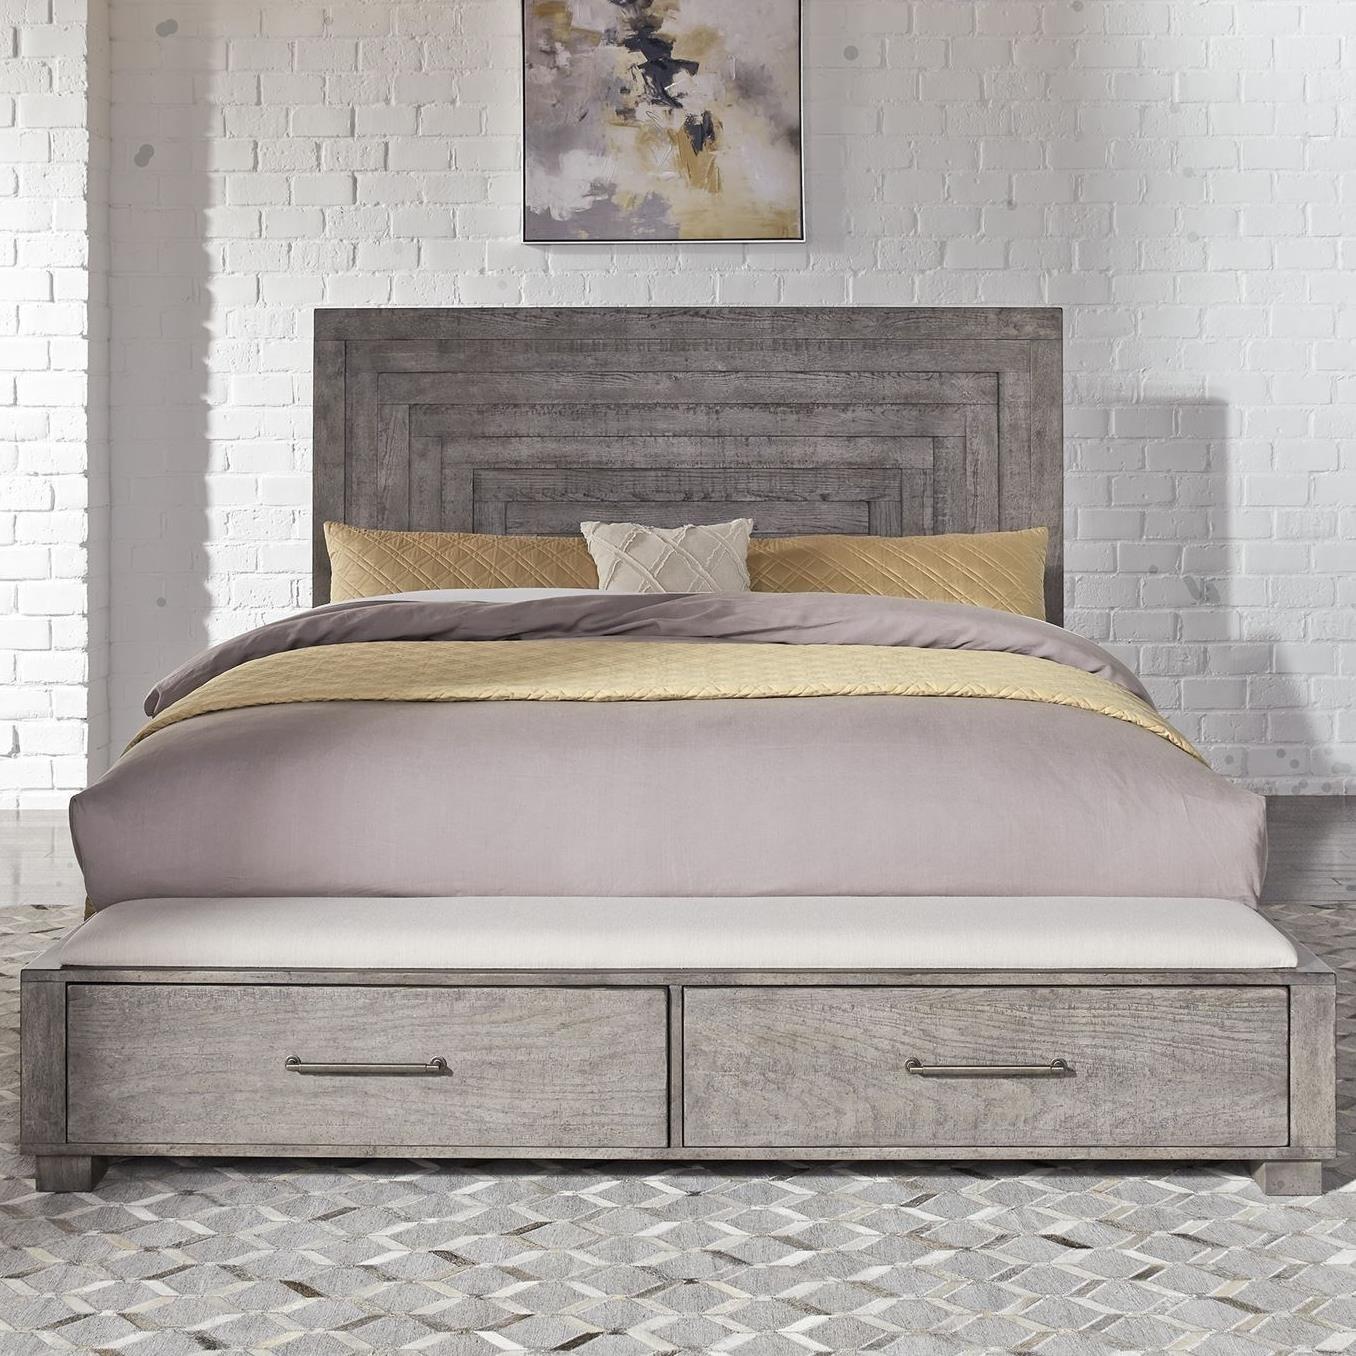 farmhouse beds